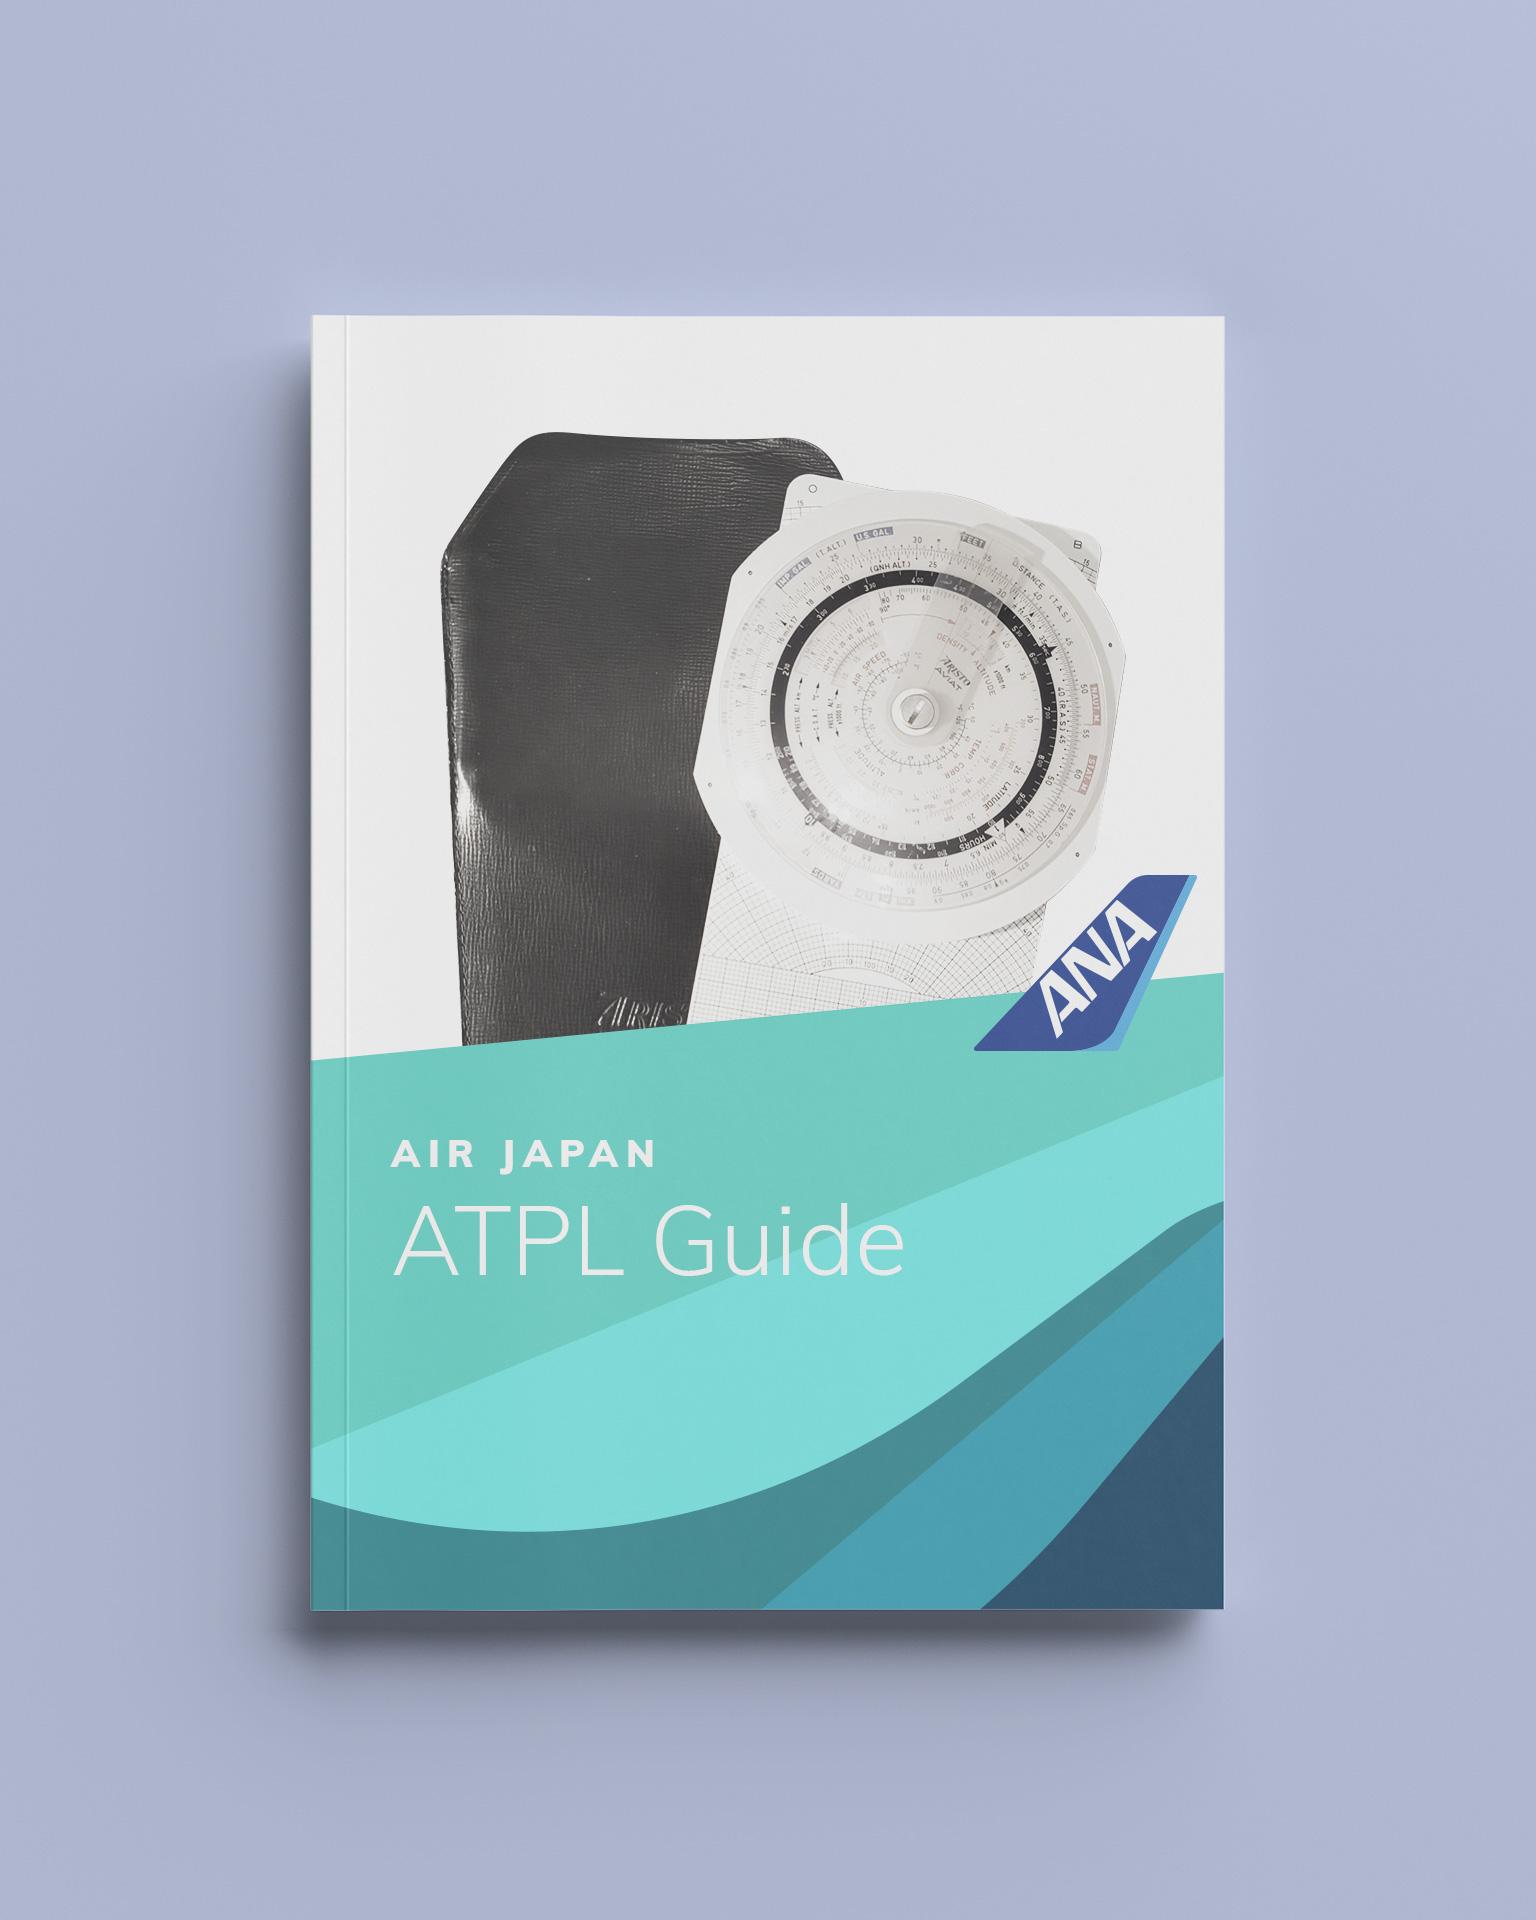 Air Japan ATPL Guide